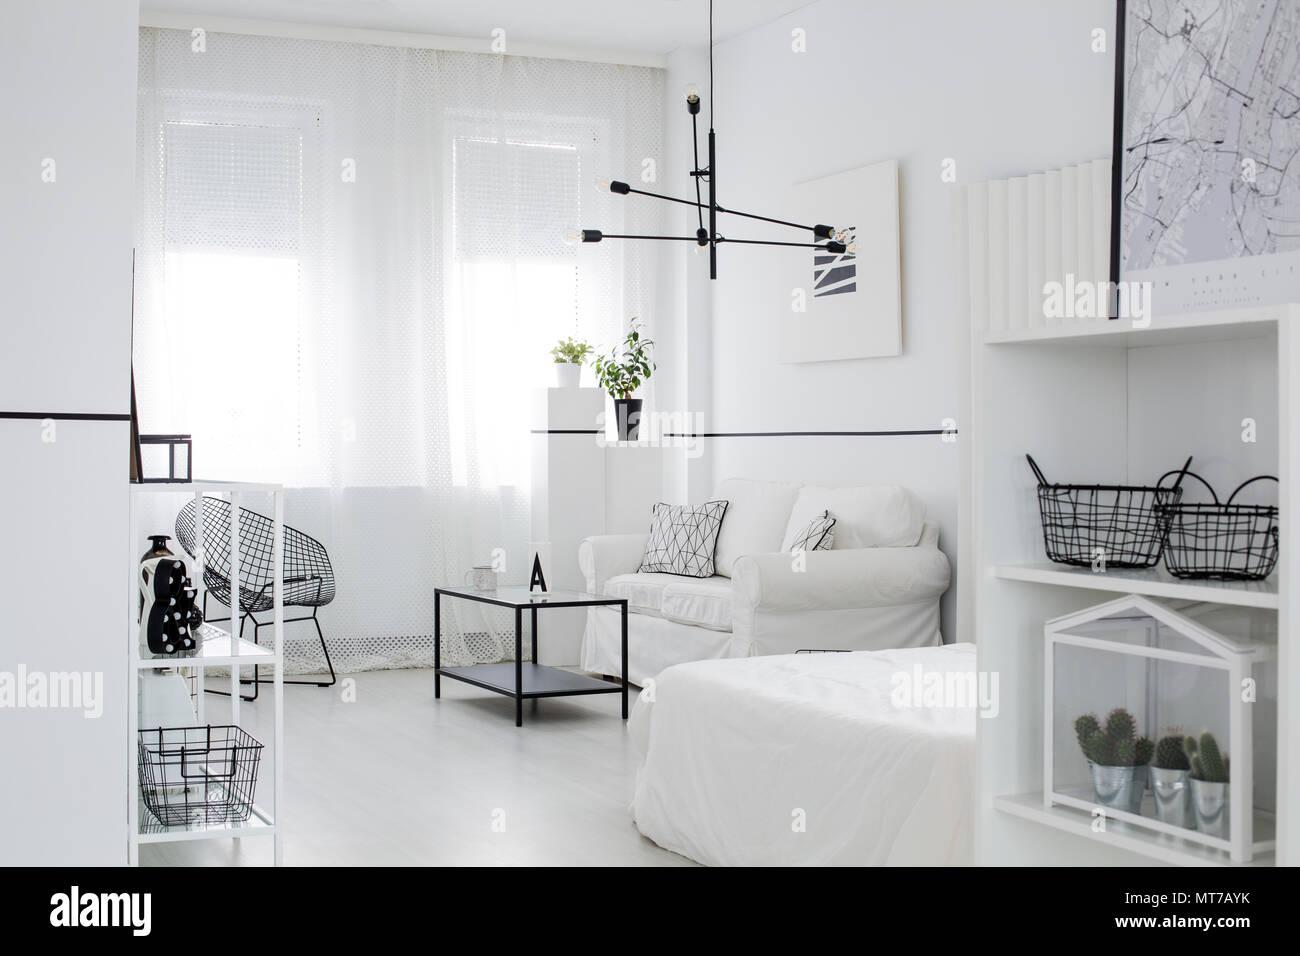 Im Skandinavischen Stil Wohnzimmer Interieur Mit Windows Schwarze